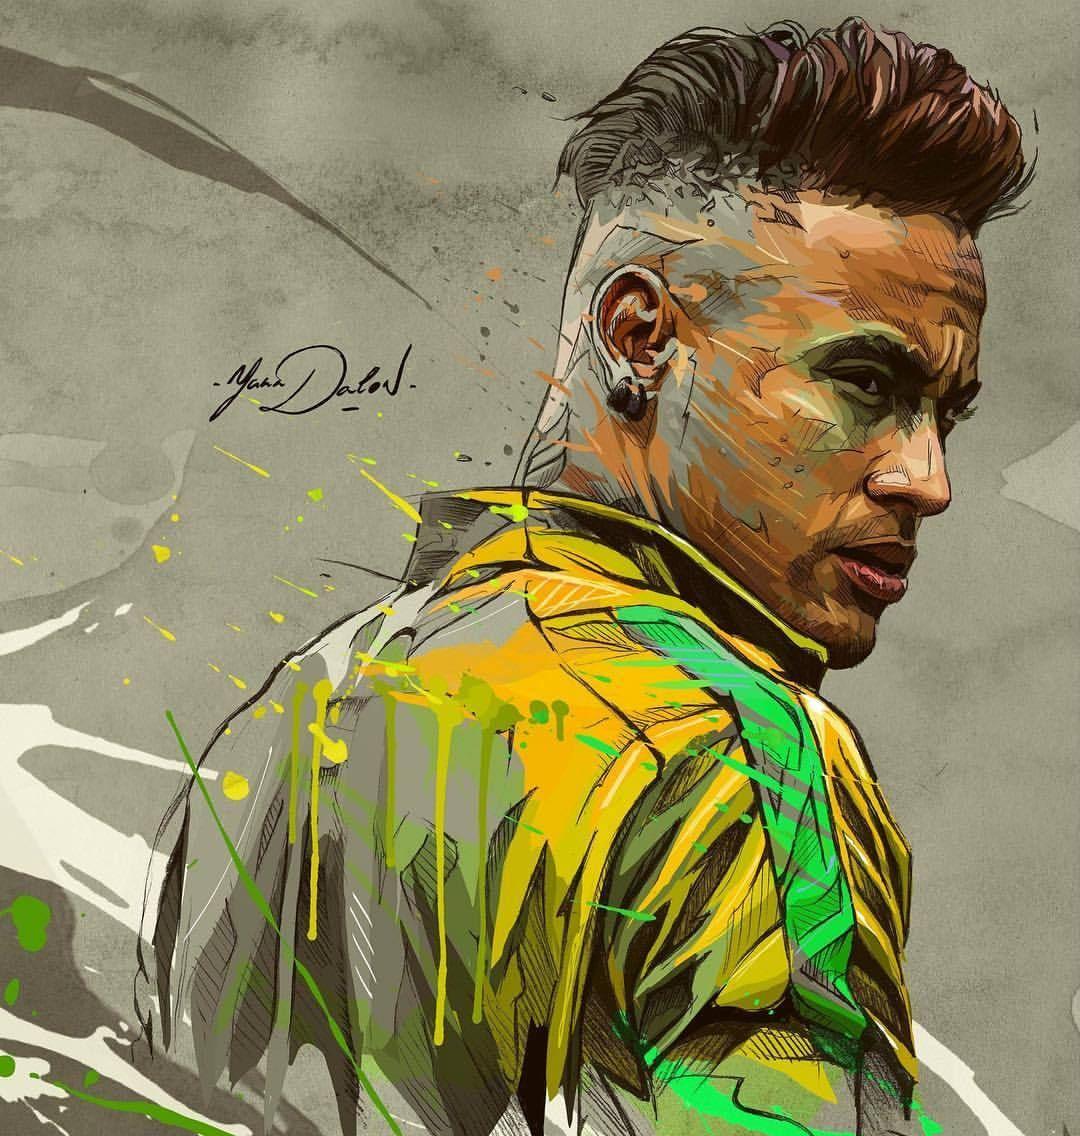 Pin De Em Football Art Com Imagens Futebol